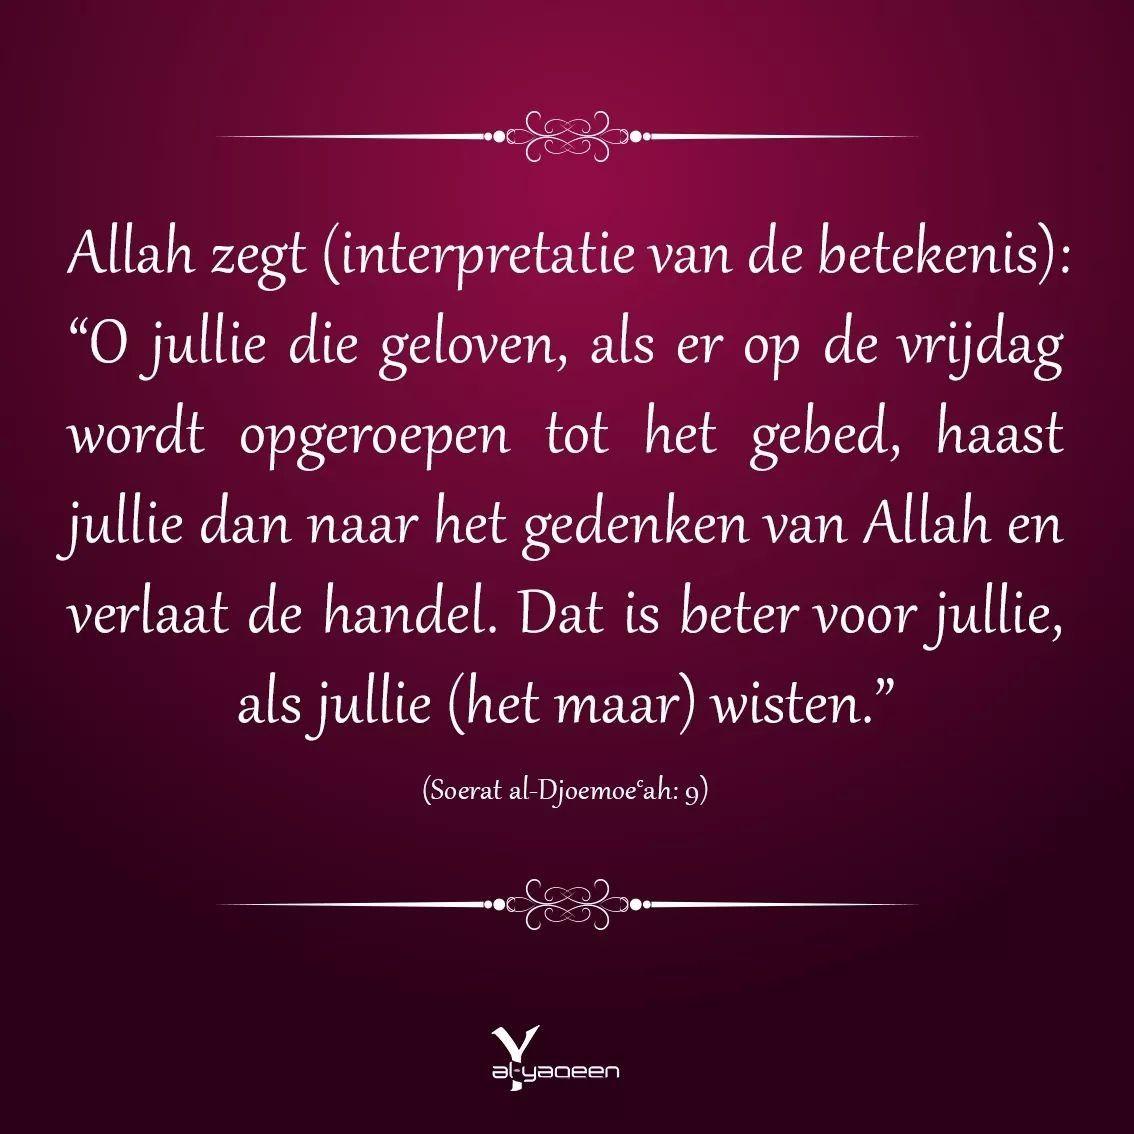 Vrijdag | Islam, Gebed, Teksten